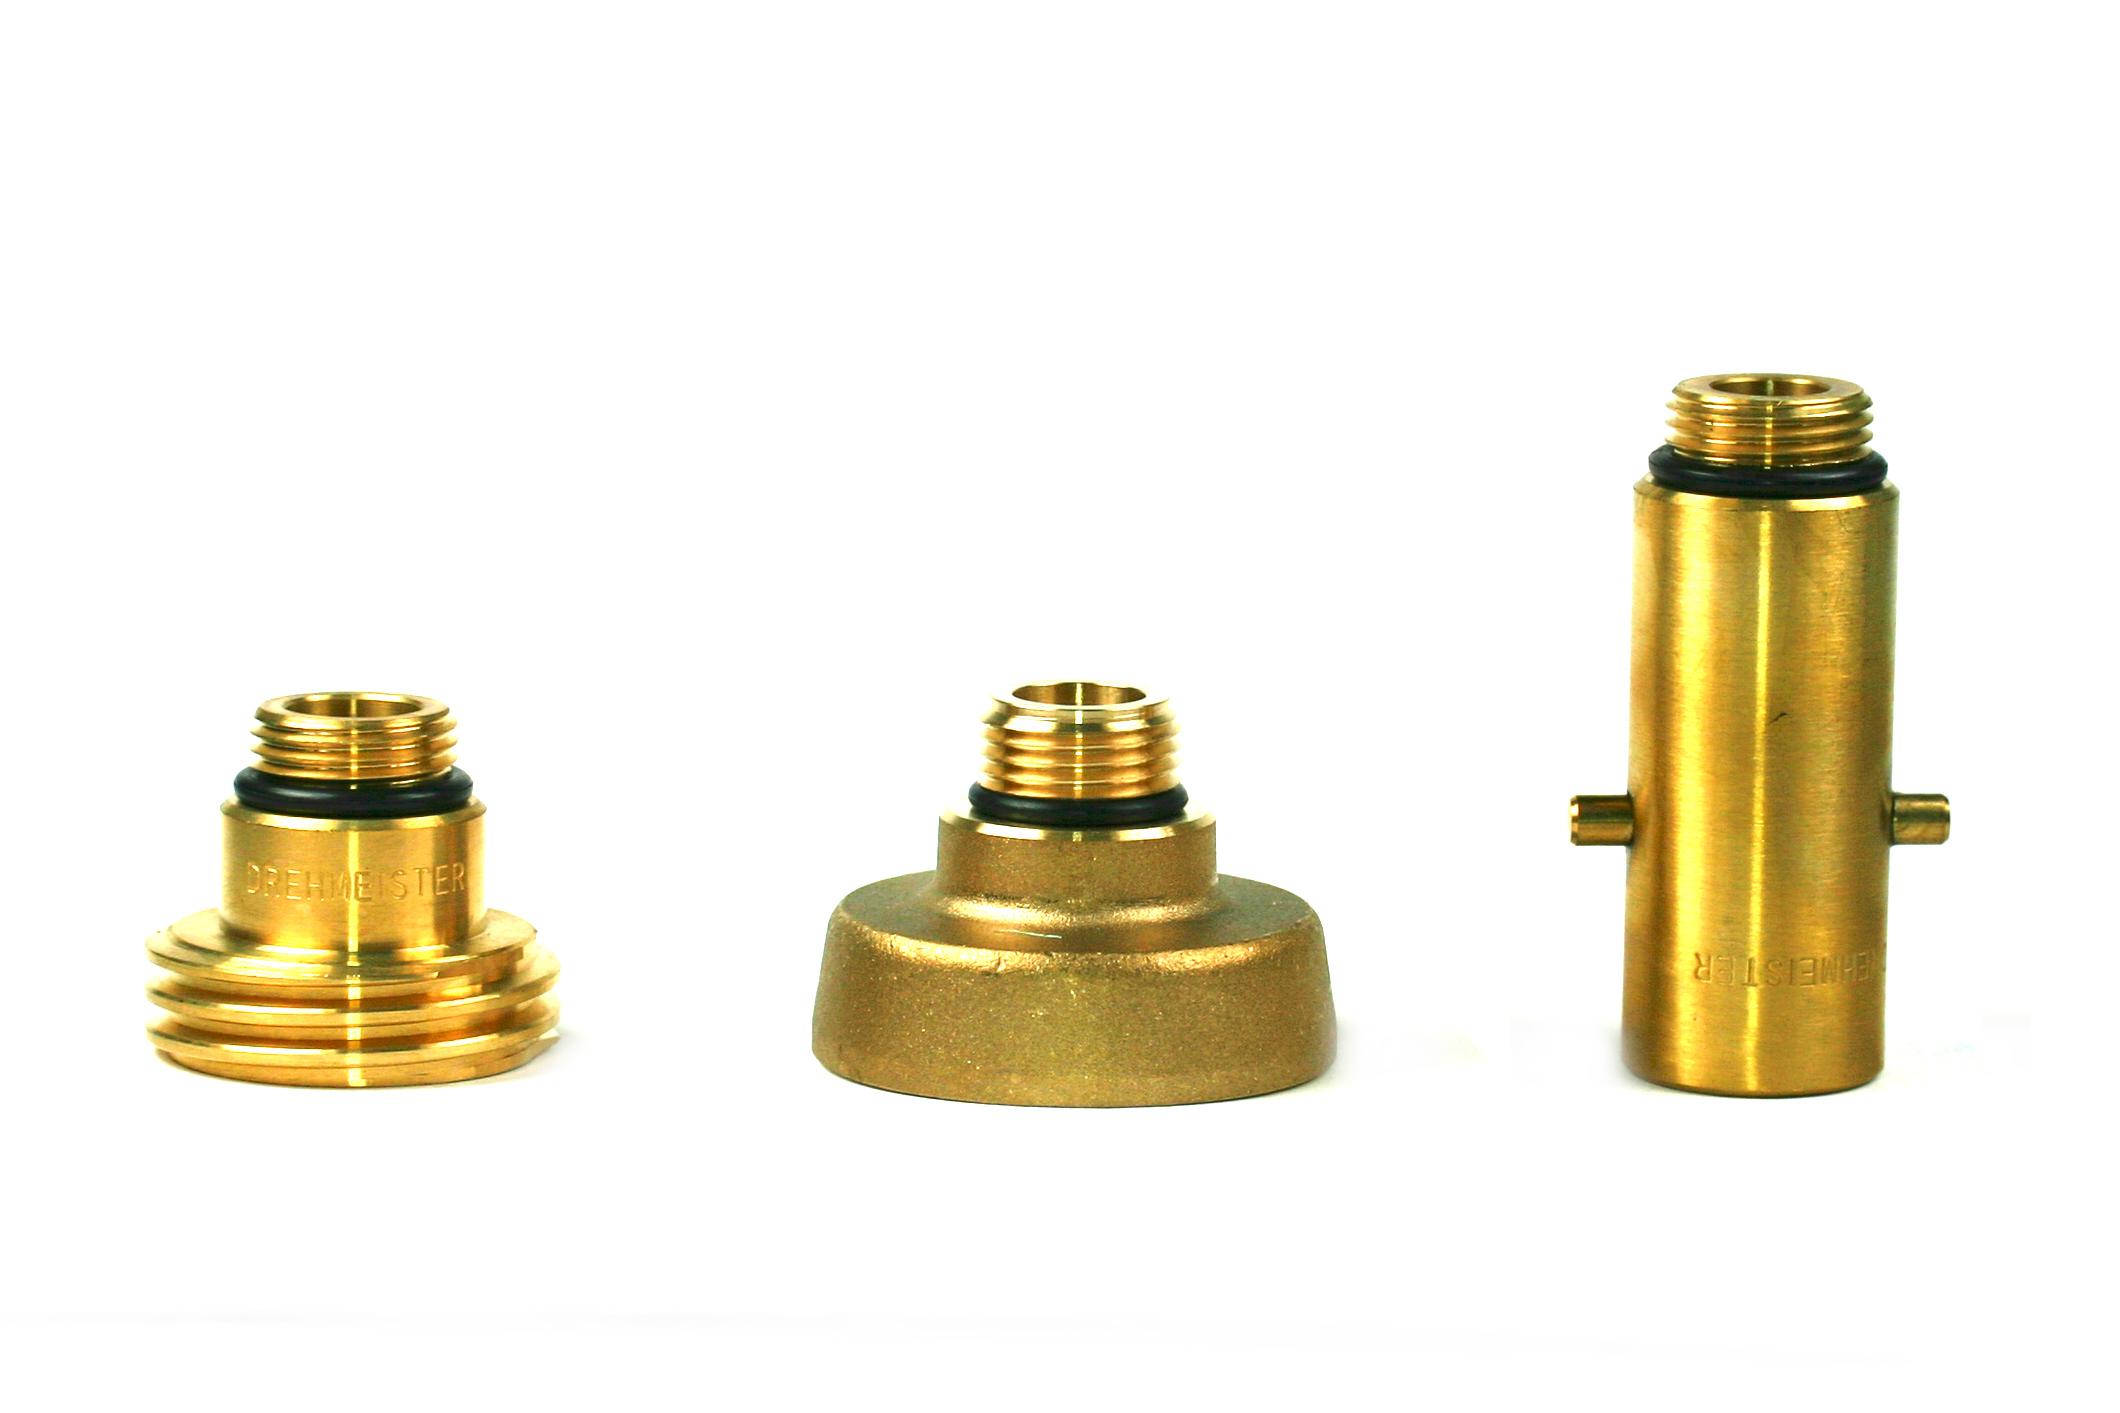 KOMPOSIT-Gasflasche-24-5L-wiederbefuellbar-mit-Multiventil-80-Fuellstop-AUTOGAS Indexbild 9